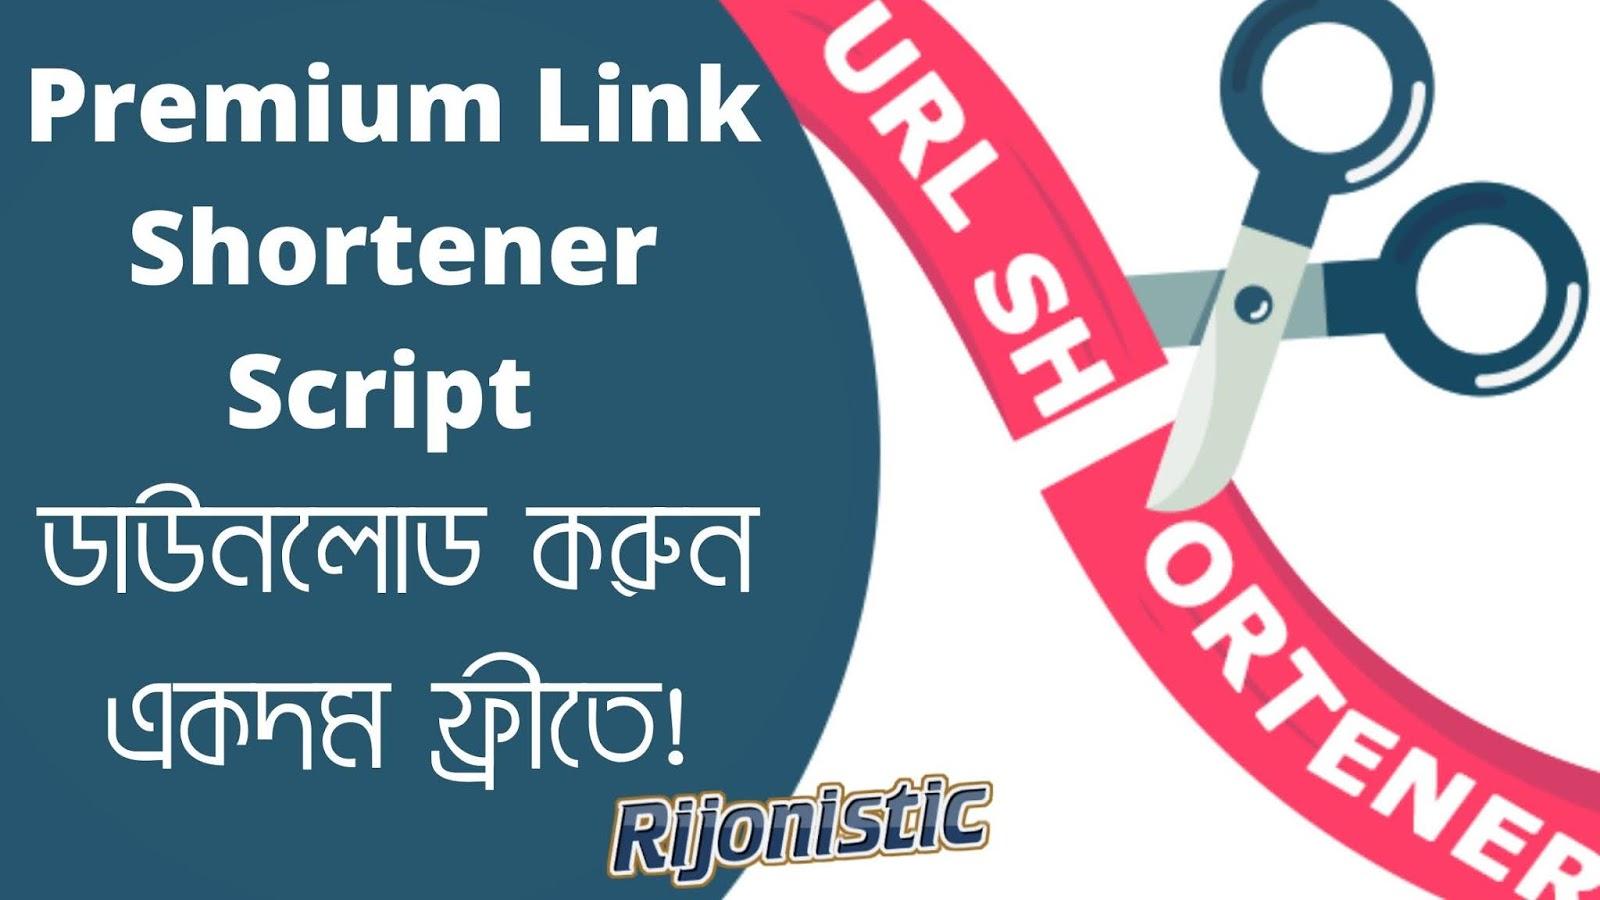 Premium URL Shortener Script Free, Link Shortener Script Download, Mighty URL Shortener Download,